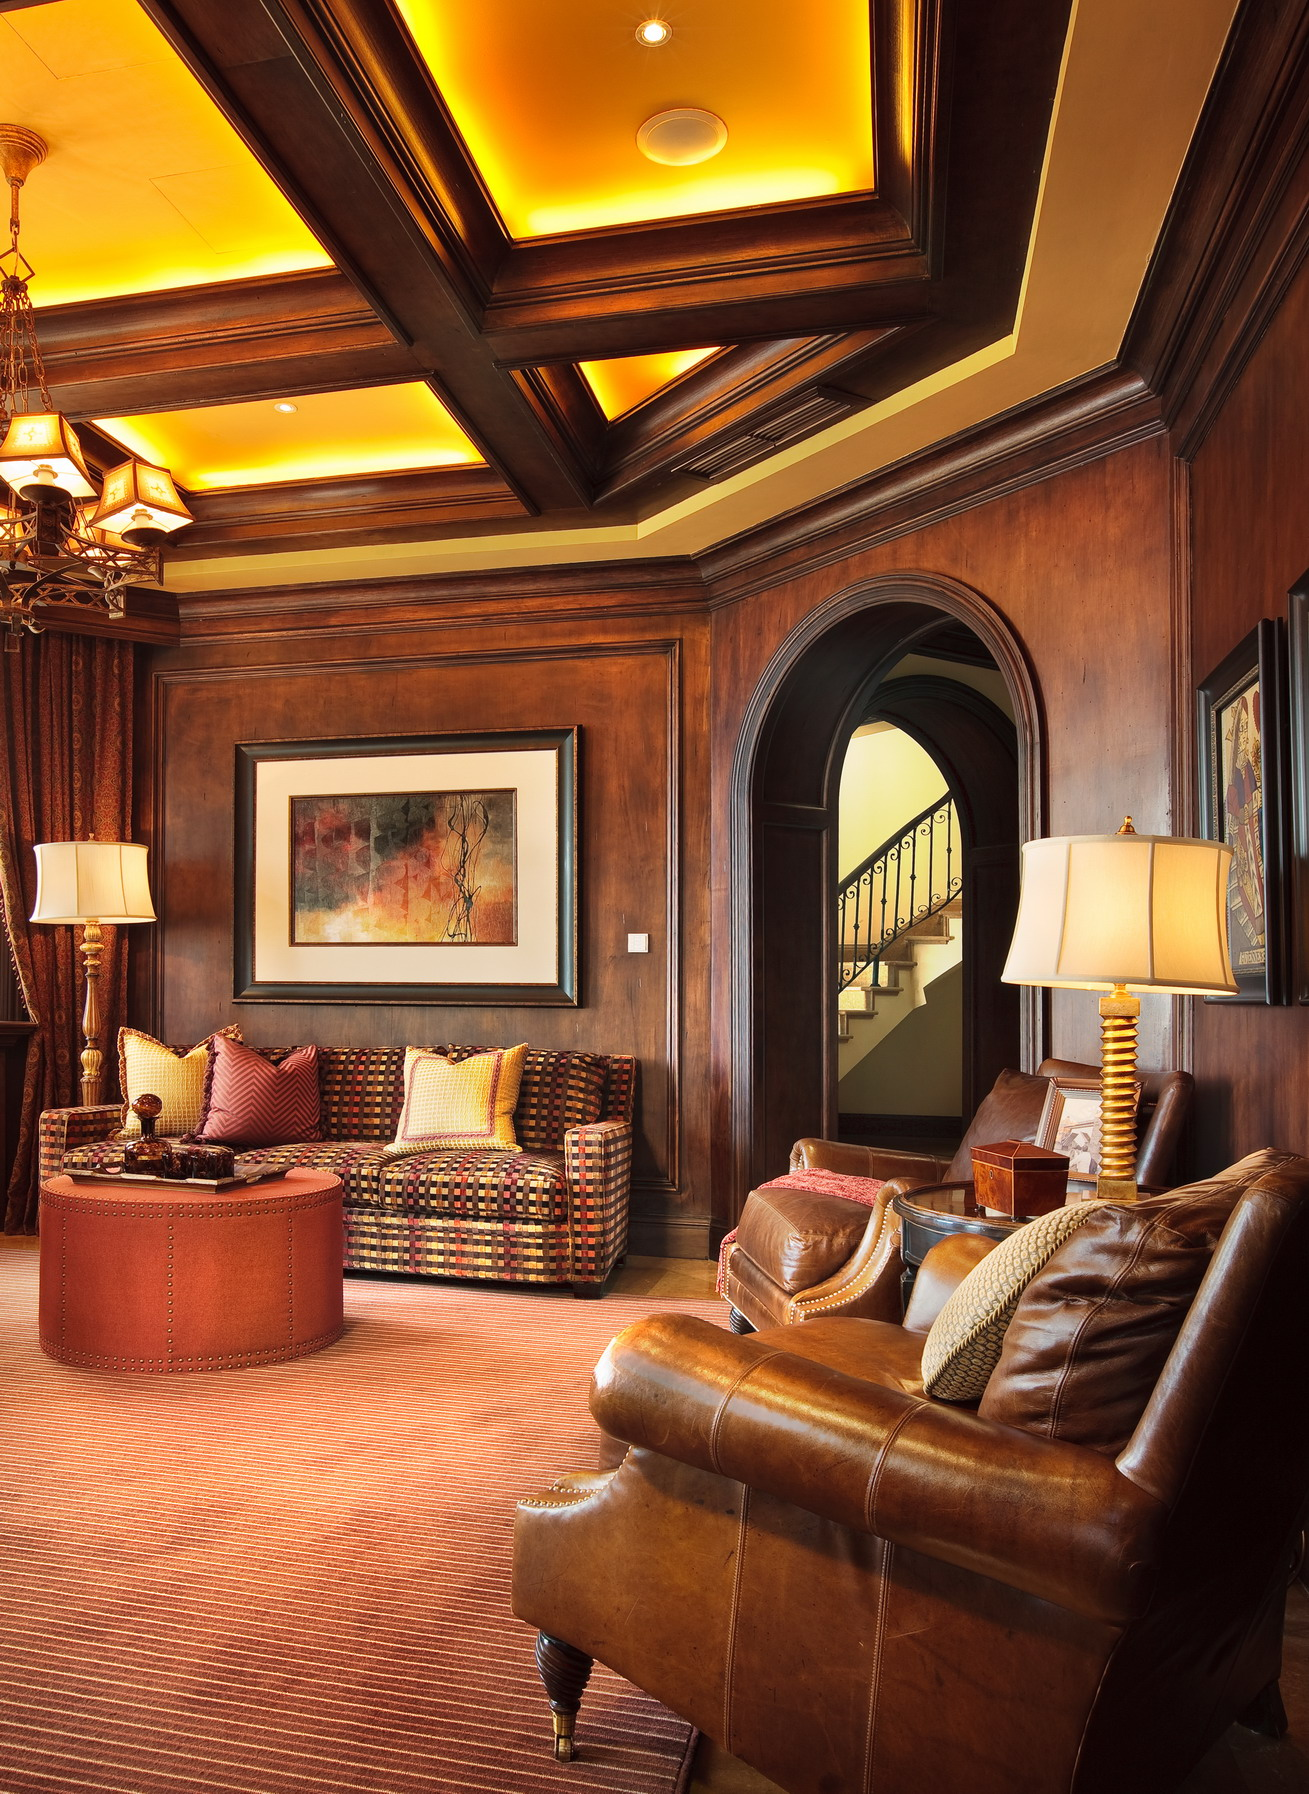 美式 别墅 度假别墅 舒心 大气 餐厅图片来自武汉实创装饰在千岛湖度假别墅,舒心美式豪宅的分享